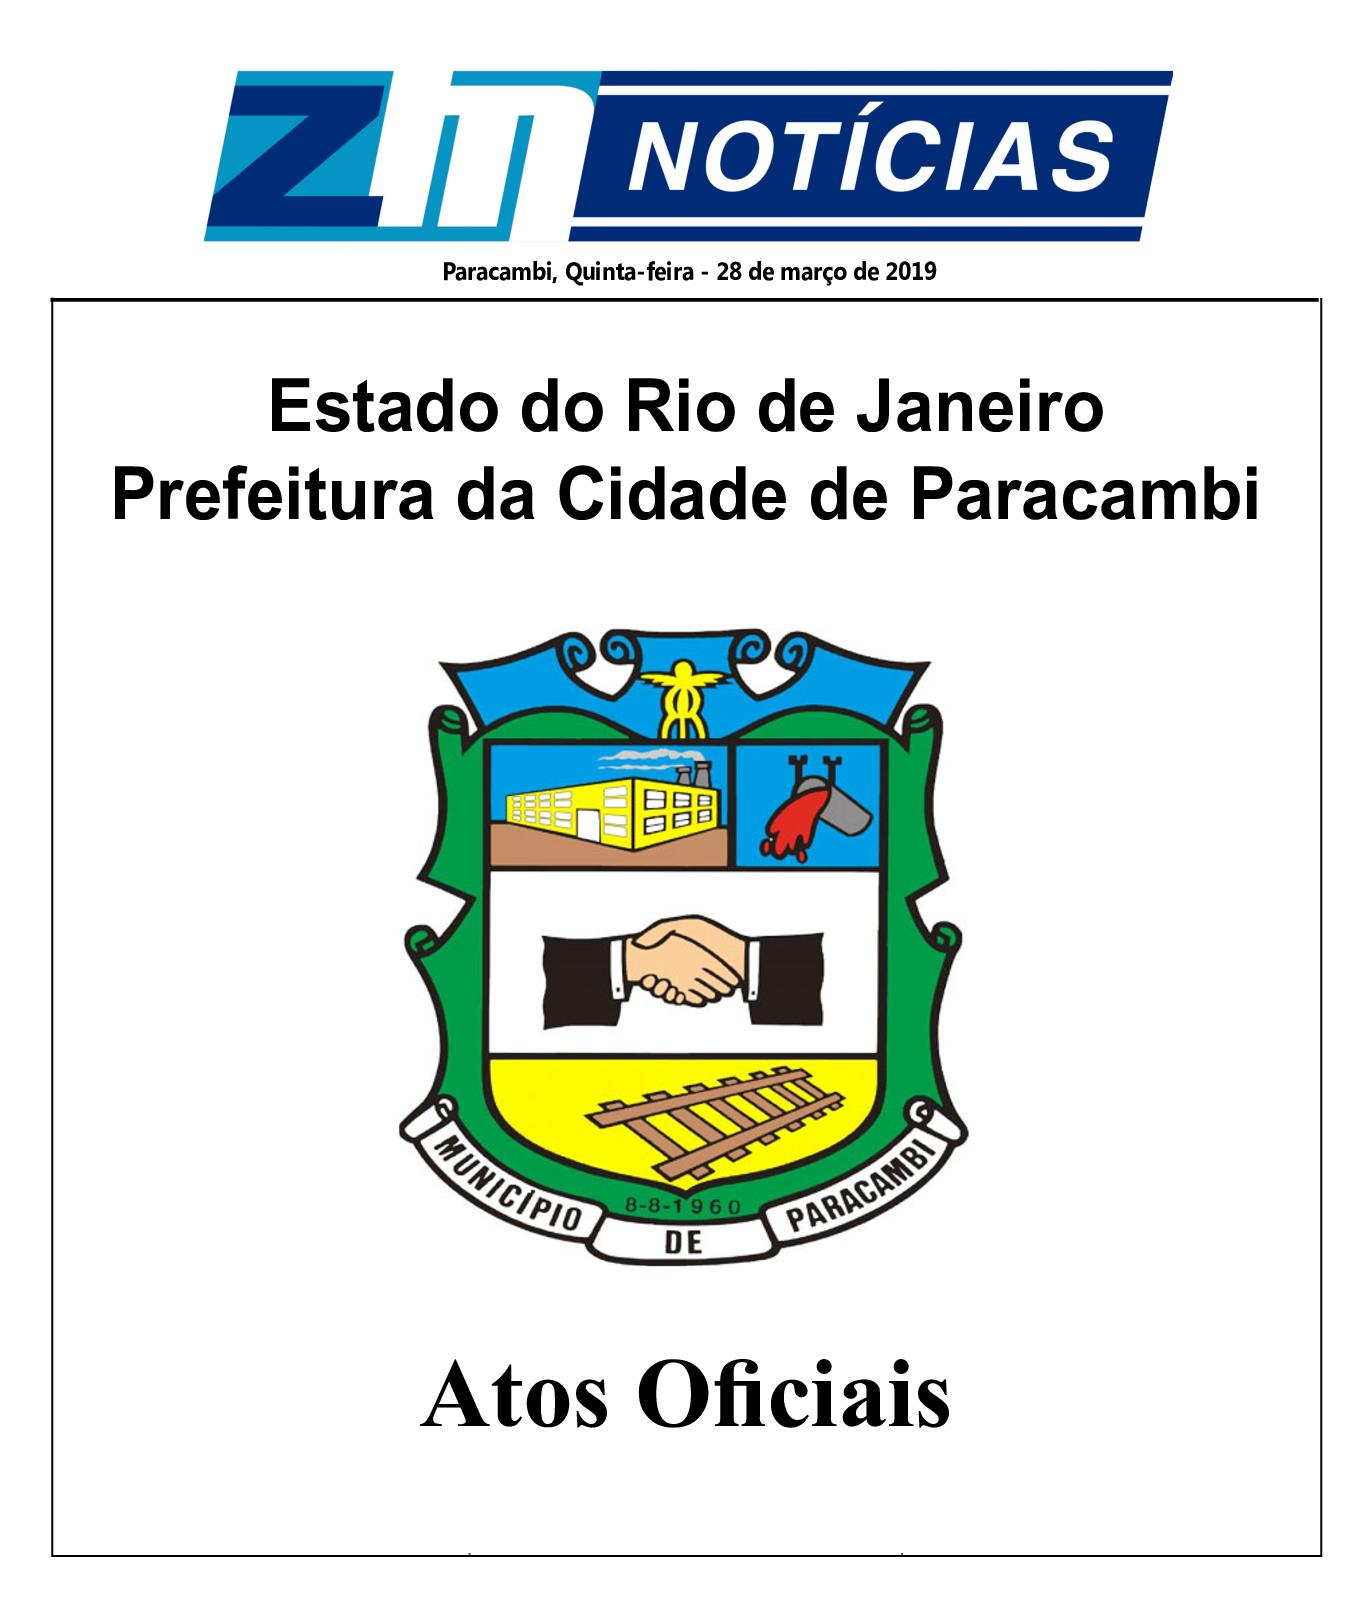 P M P Atos Oficiais 280319